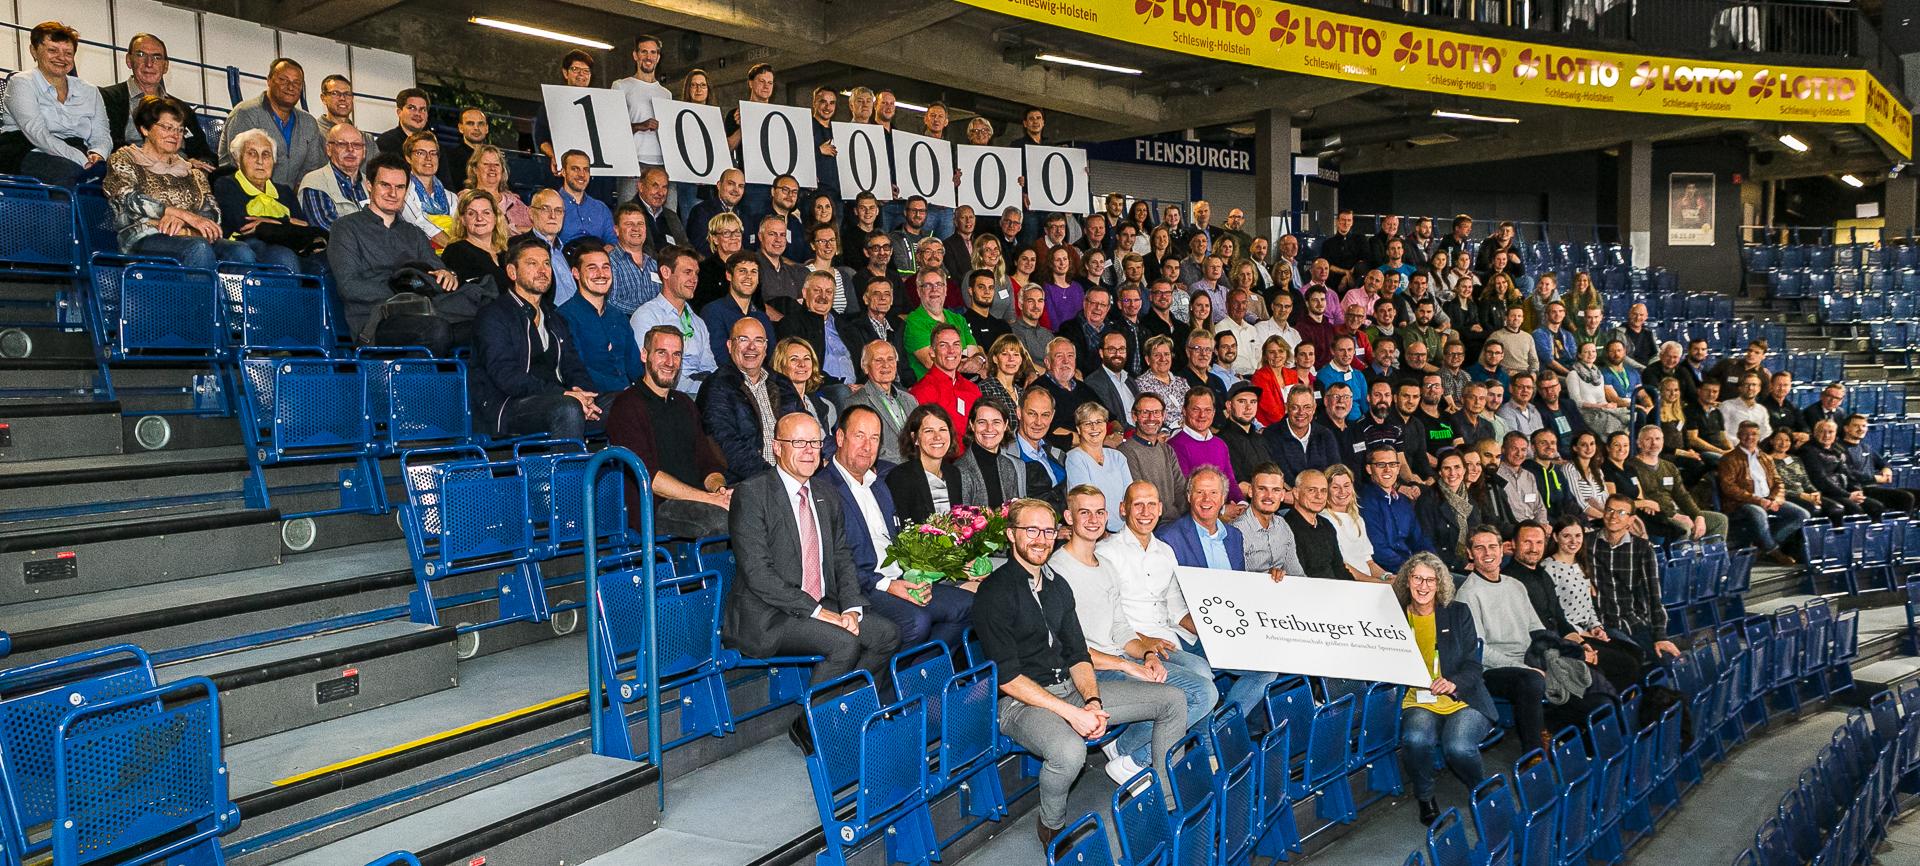 Freiburger Kreis Vertritt 1 Million Vereinsmitglieder – TSG Rohrbach Bereits Seit 1995 Mitglied